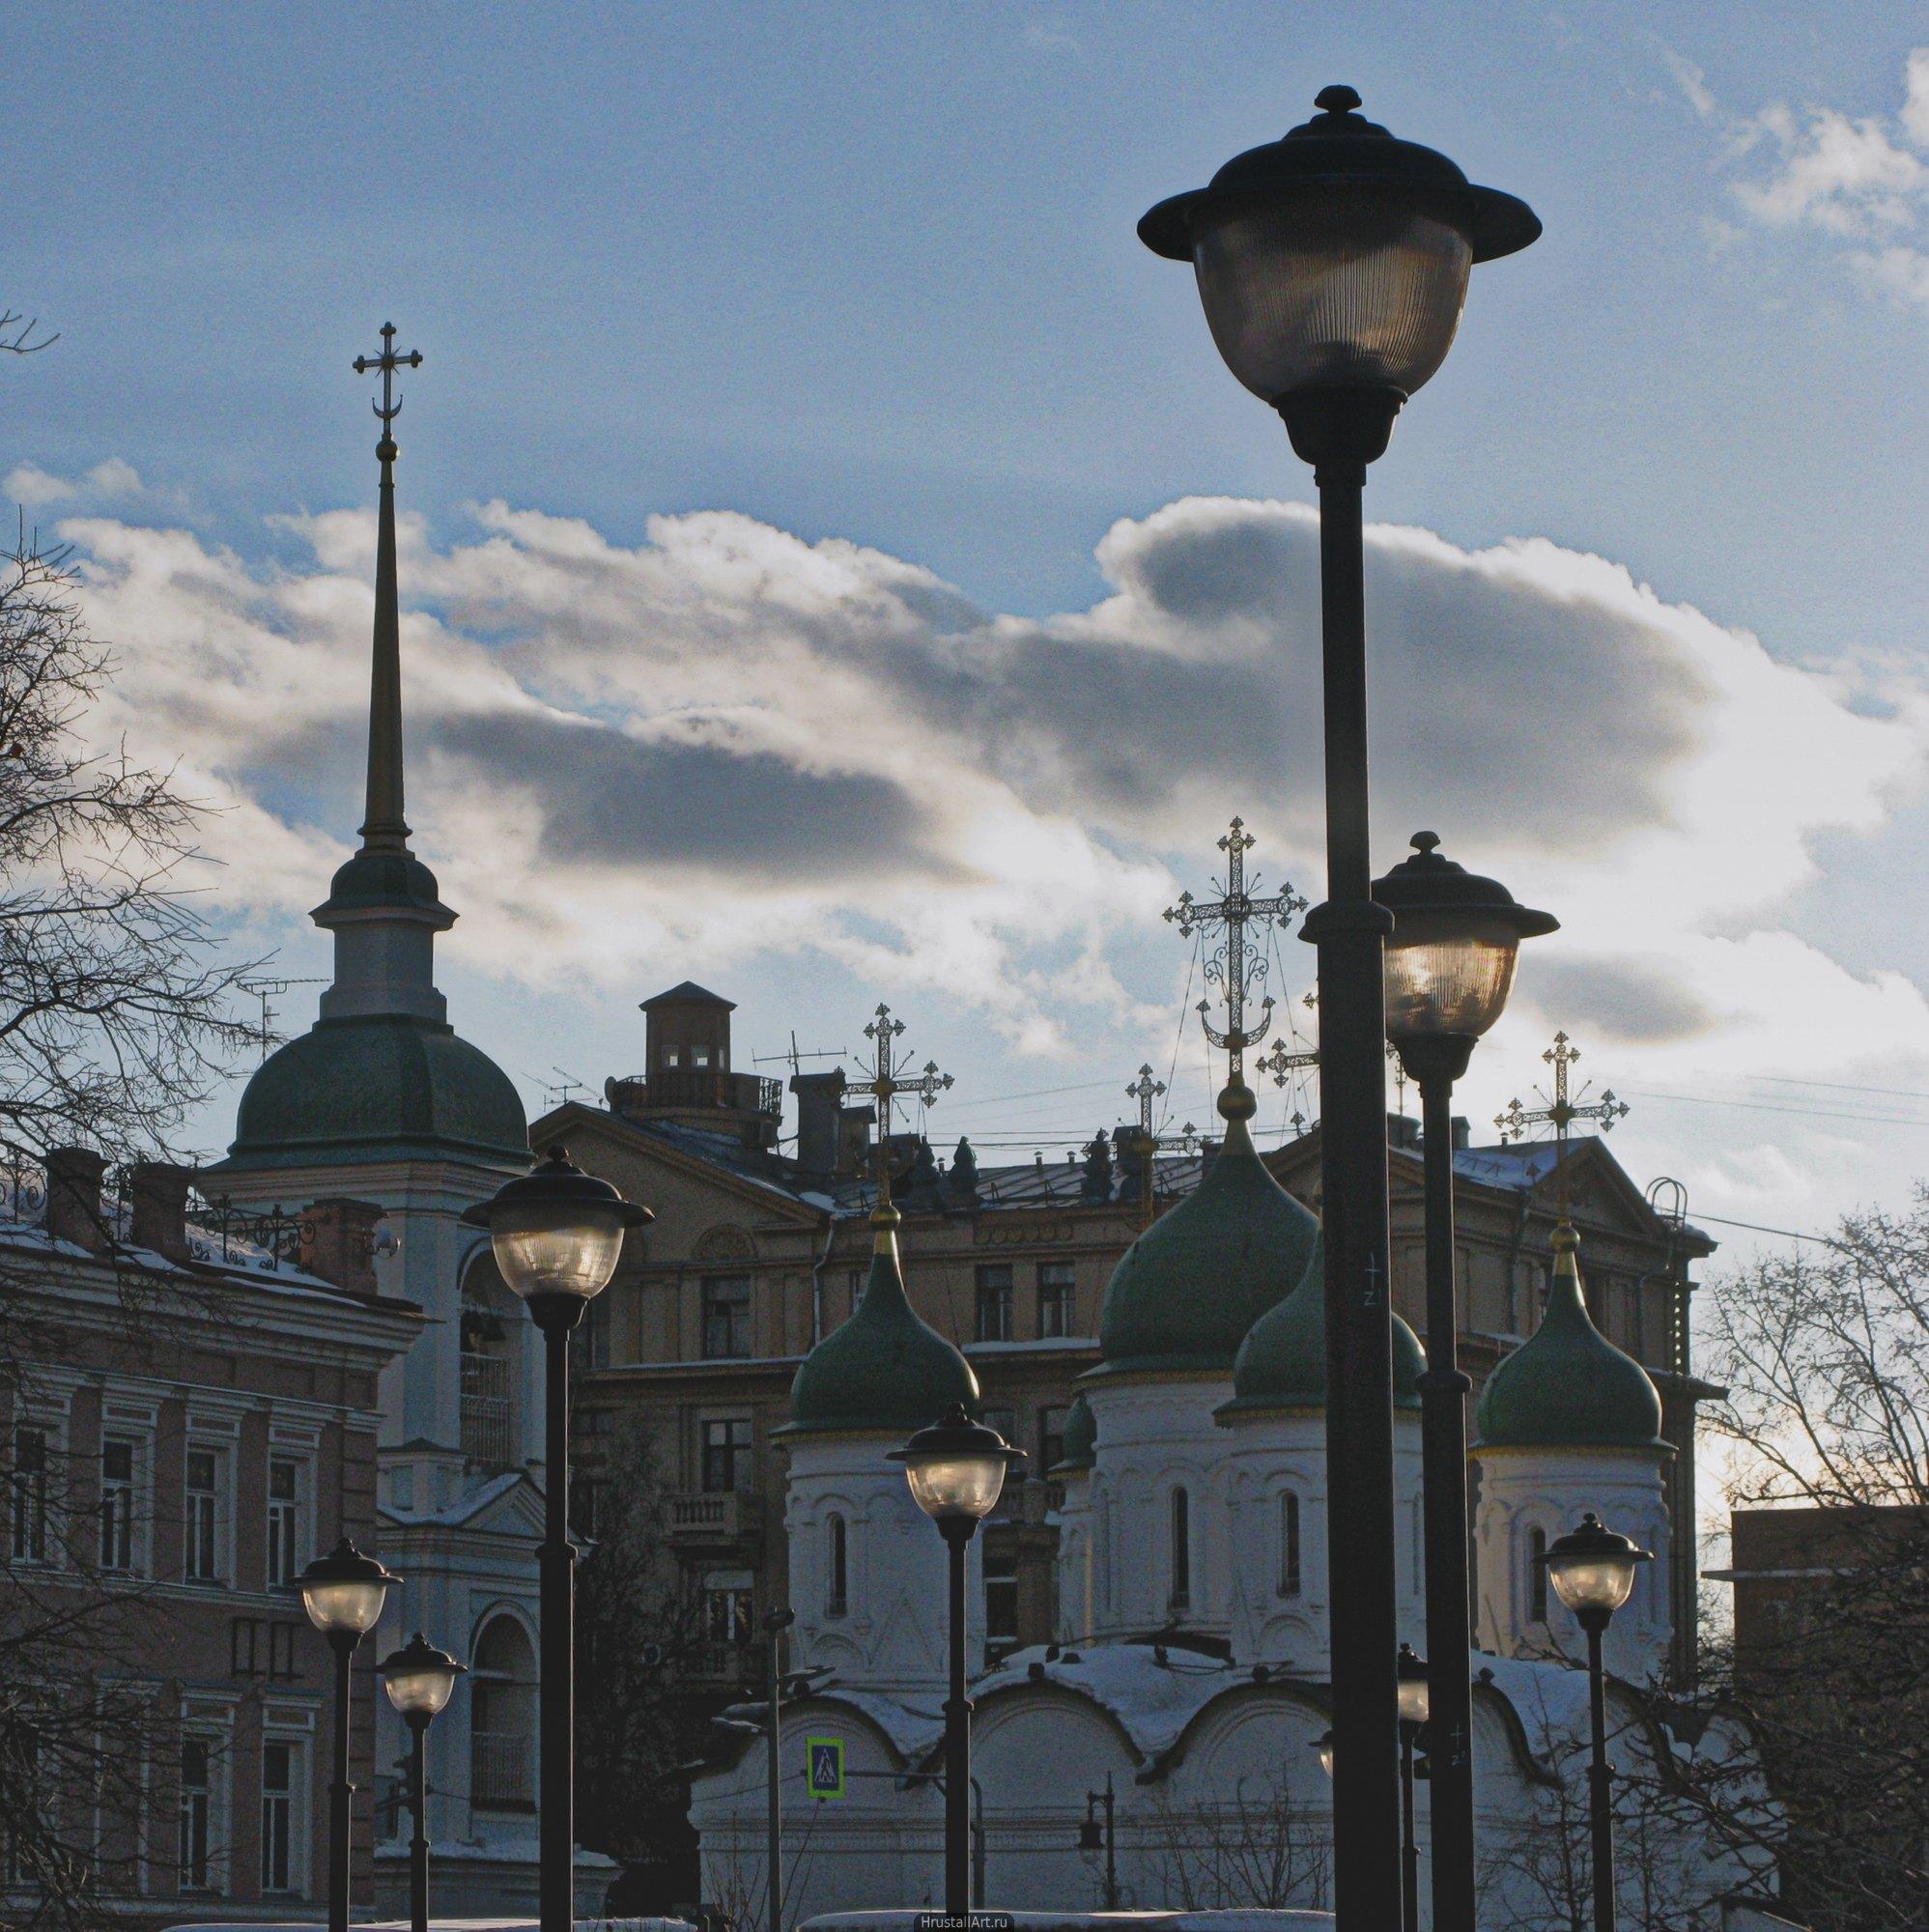 Фонари и церковь. Москва.